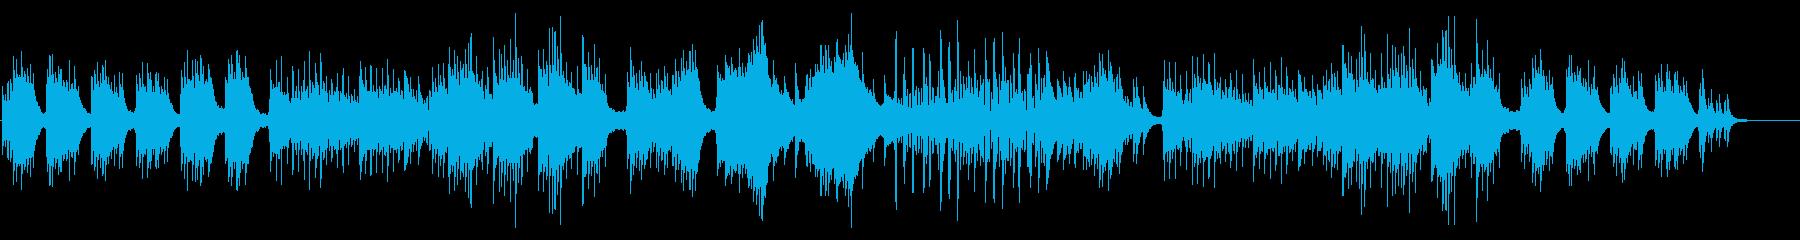 風格クリエイティブなピアノソロ企業CM等の再生済みの波形